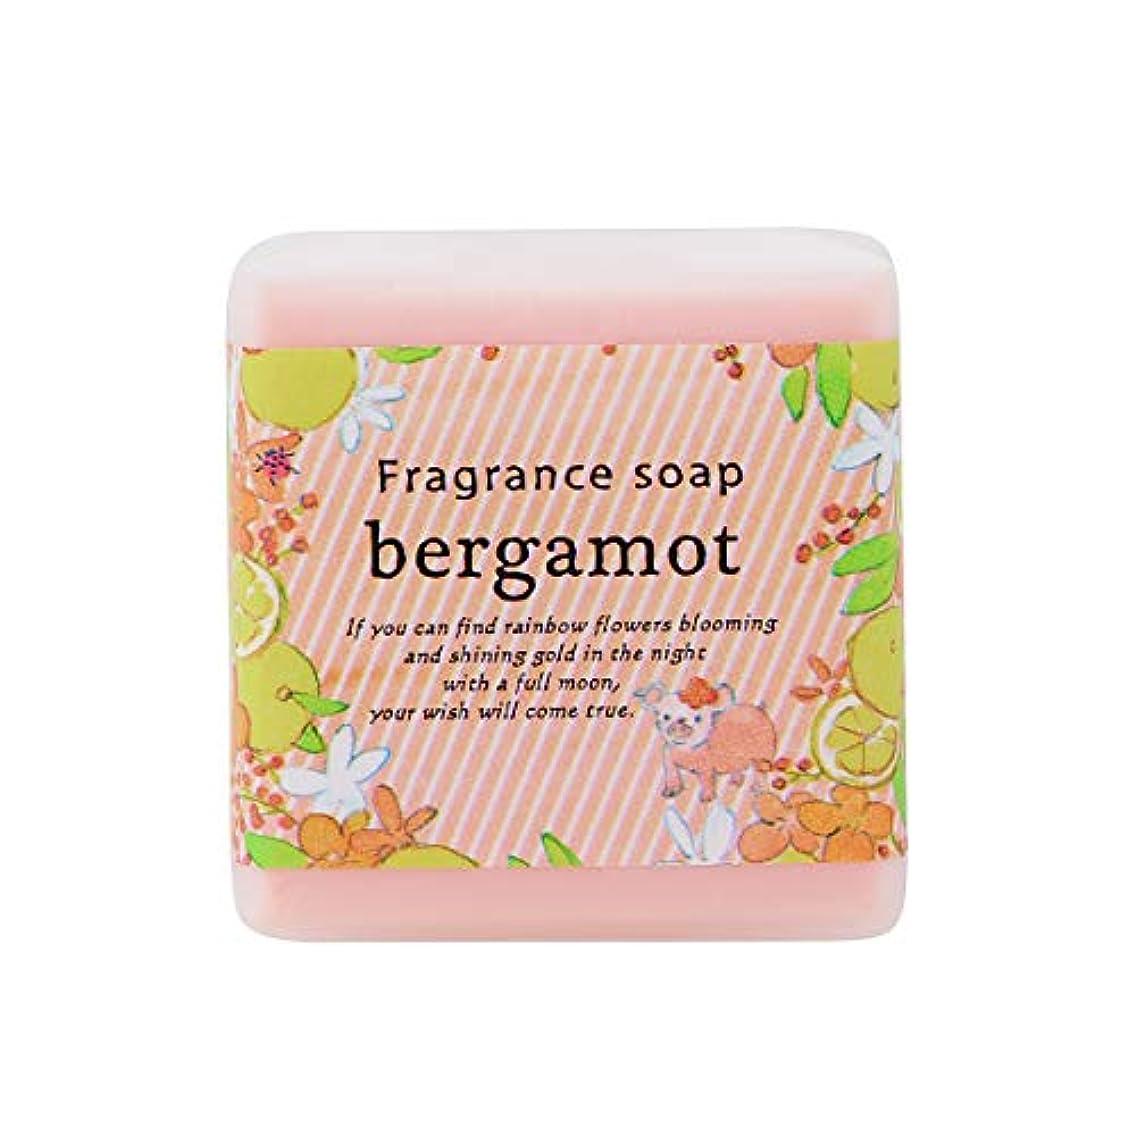 操作暖かさお誕生日サンハーブ フレグランスソープ40g ベルガモット 12個(プチ石けん ゲストソープ 懐かしい甘酸っぱい香り)